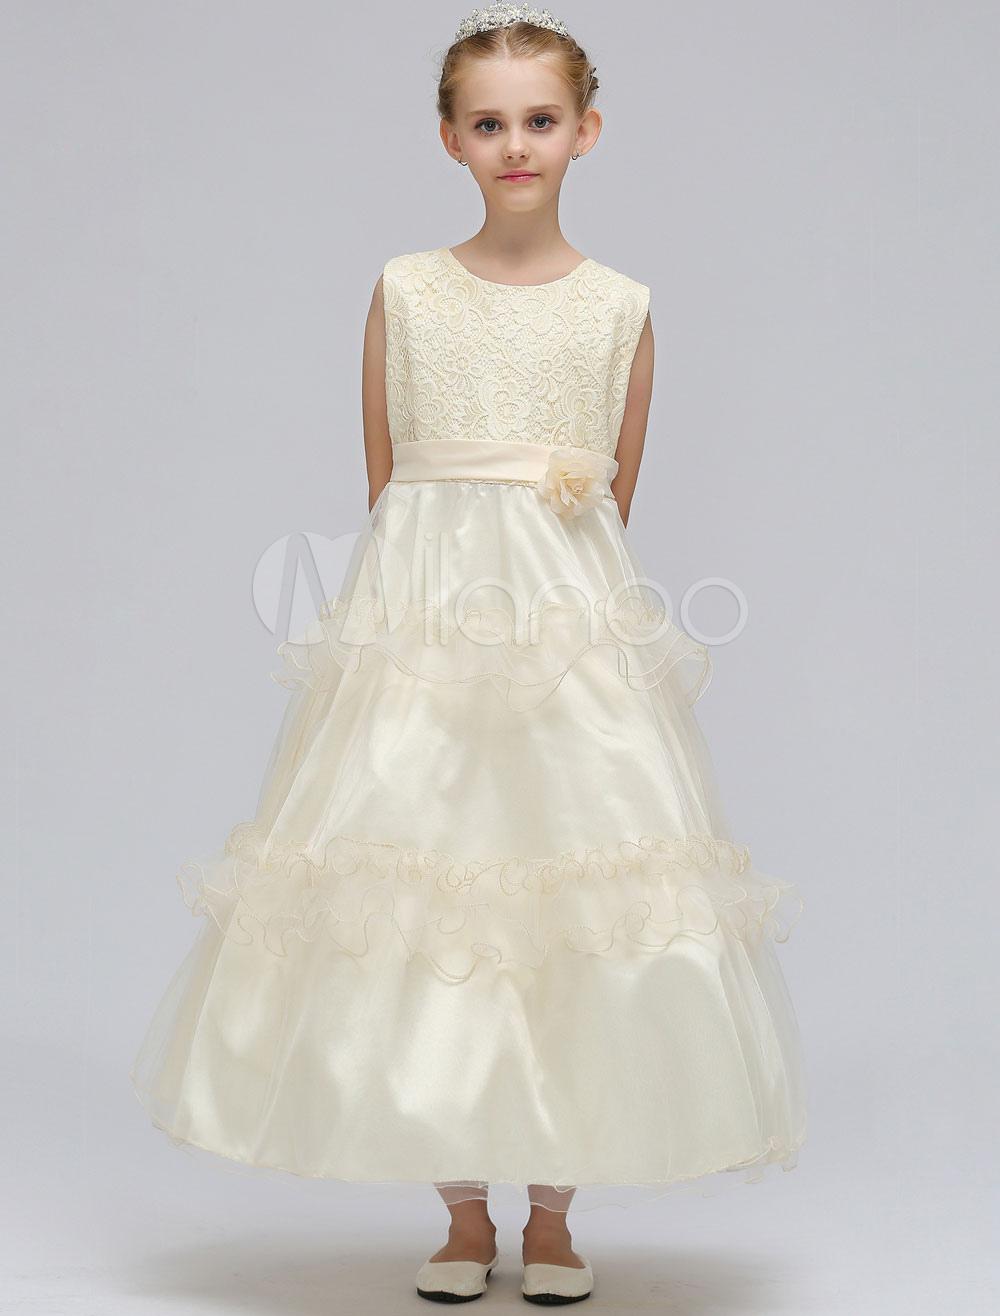 Blumenmädchen Kleider Champagner Kinder Prinzessin Kleid Spitze ...